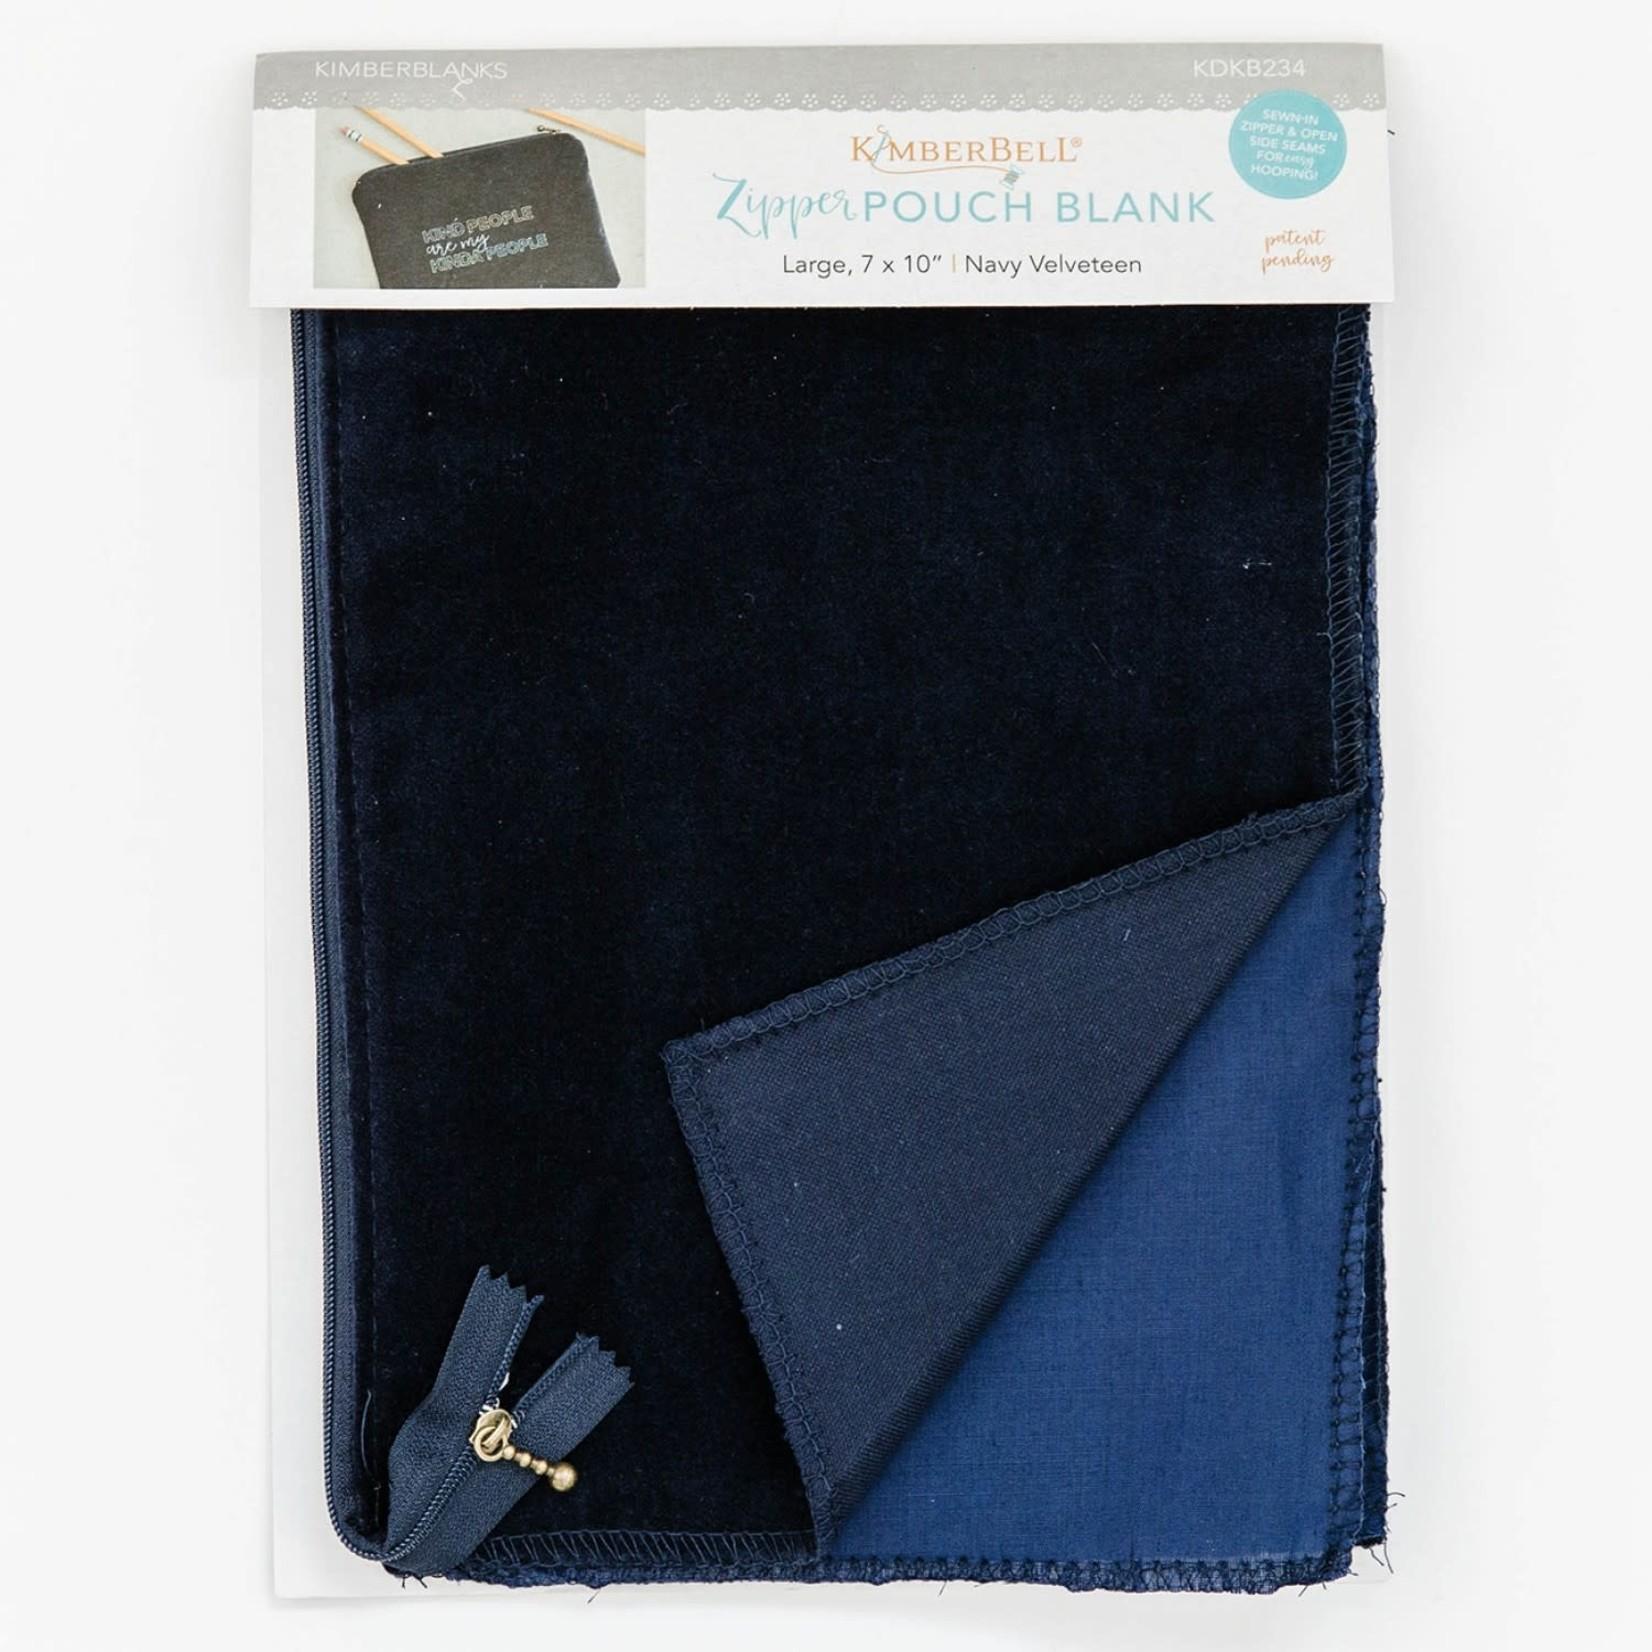 Kimberbell Designs Navy Velveteen Zipper Pouch Blank, Large